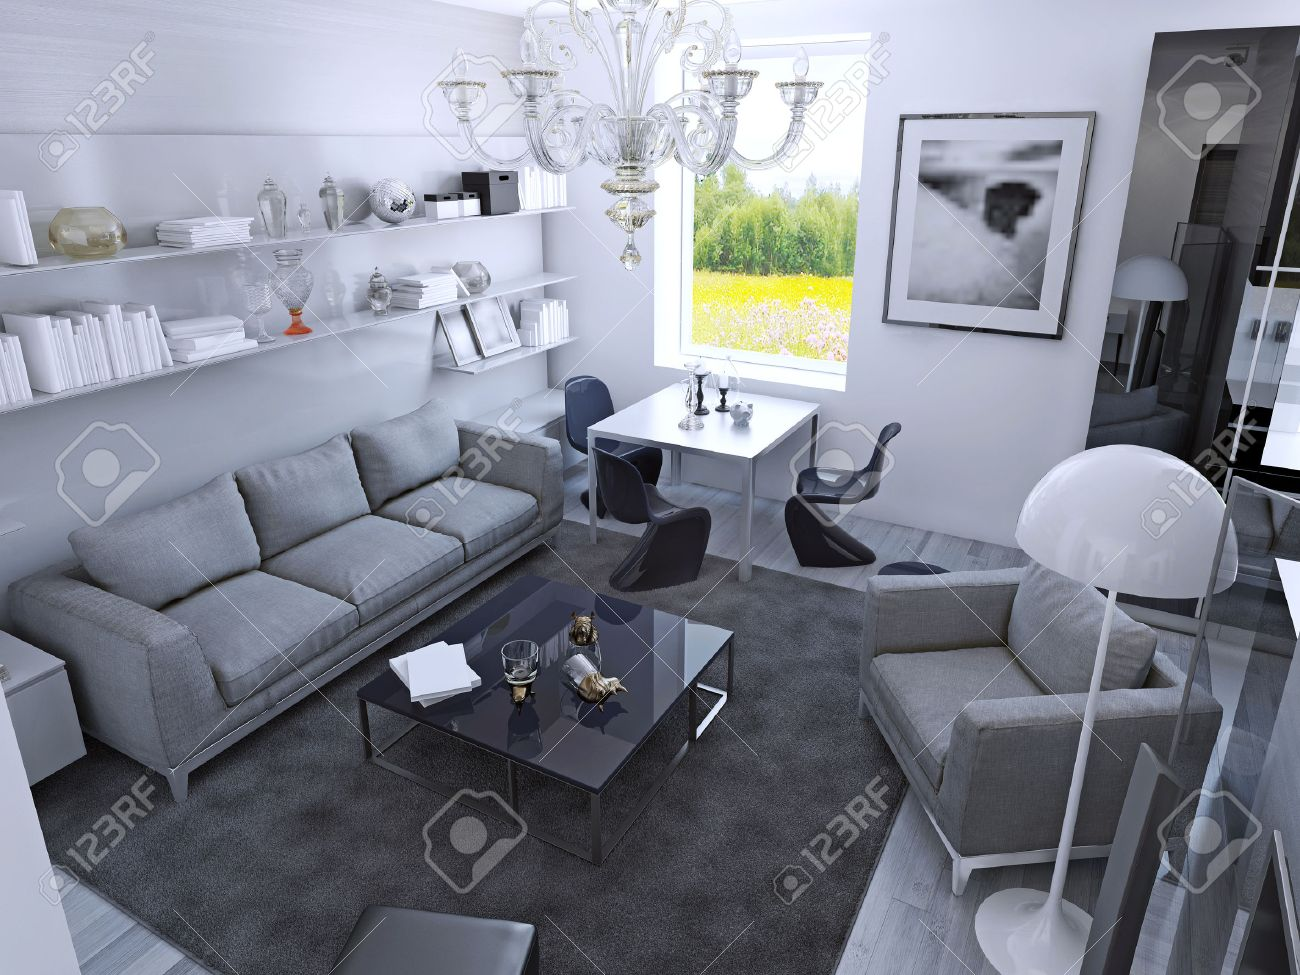 Moderne Wohnzimmer Bei Tageslicht. Raum Mit Esstisch Im Gotischen ...